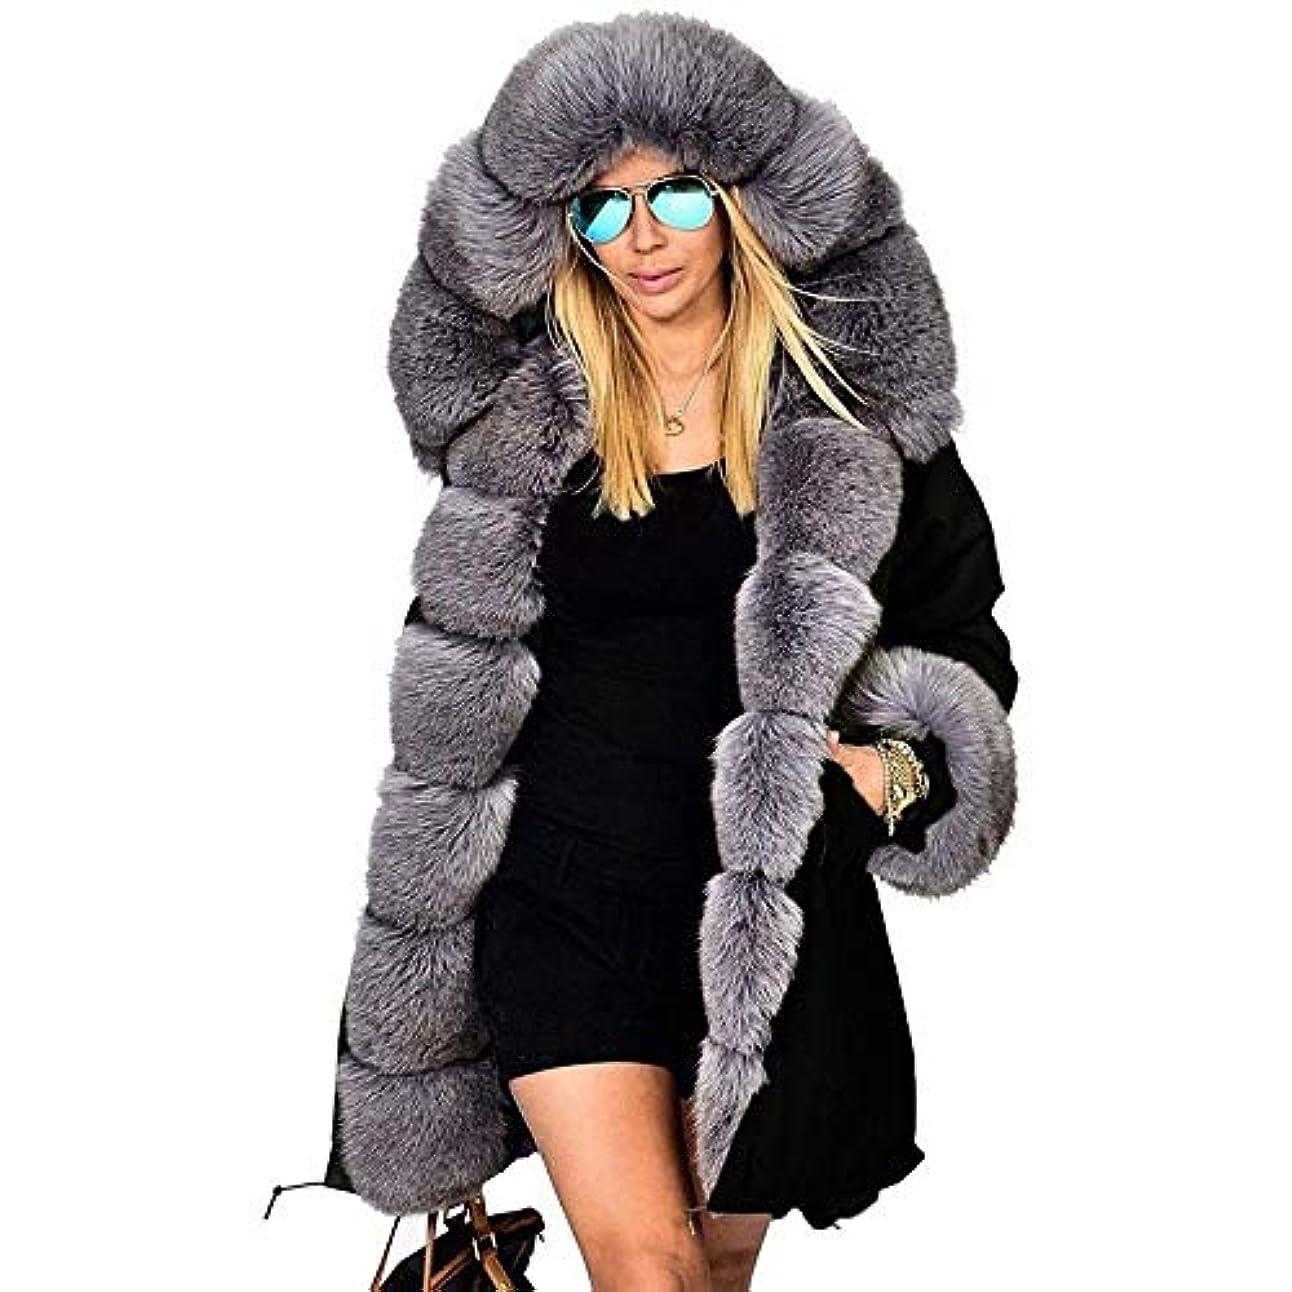 ウェーハ背の高いロマンスファッションウィメンズジャケット女性ウォームコートフェイクファーコットンオーバーコート女性ロングフードコートパーカー,XXL